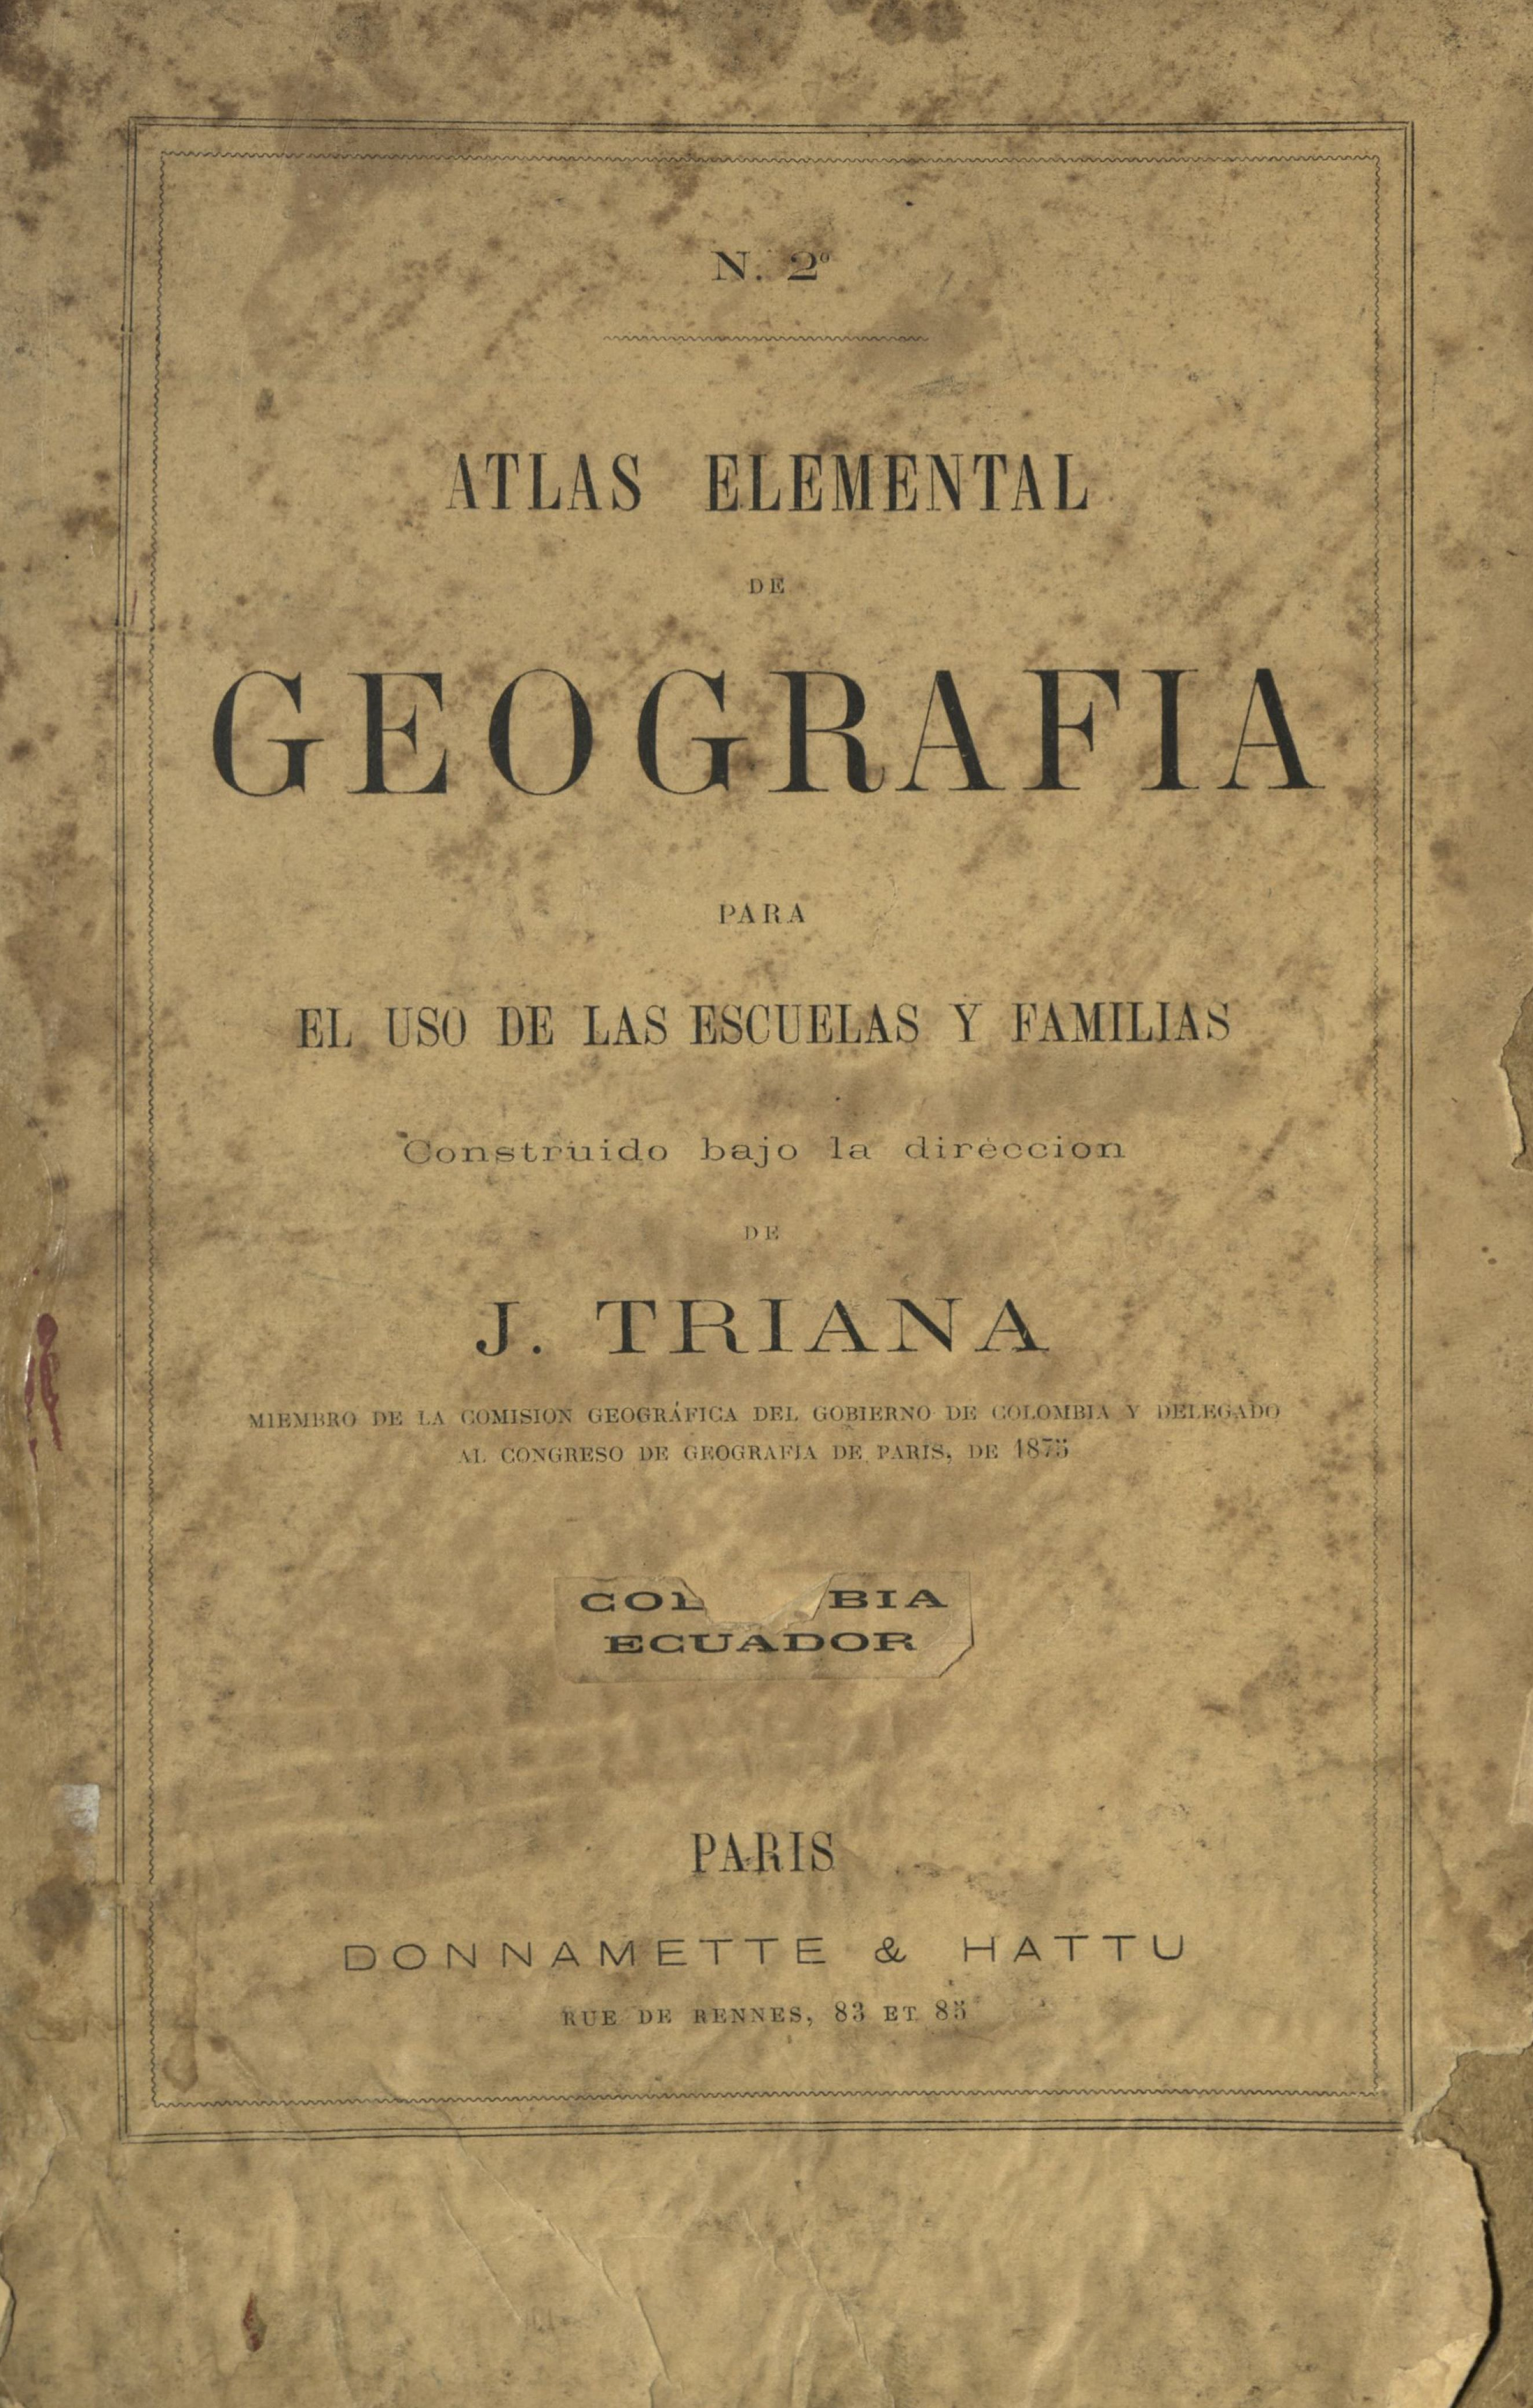 Altas Elemental de geografía para el uso de las escuelas y familias (E36N109).